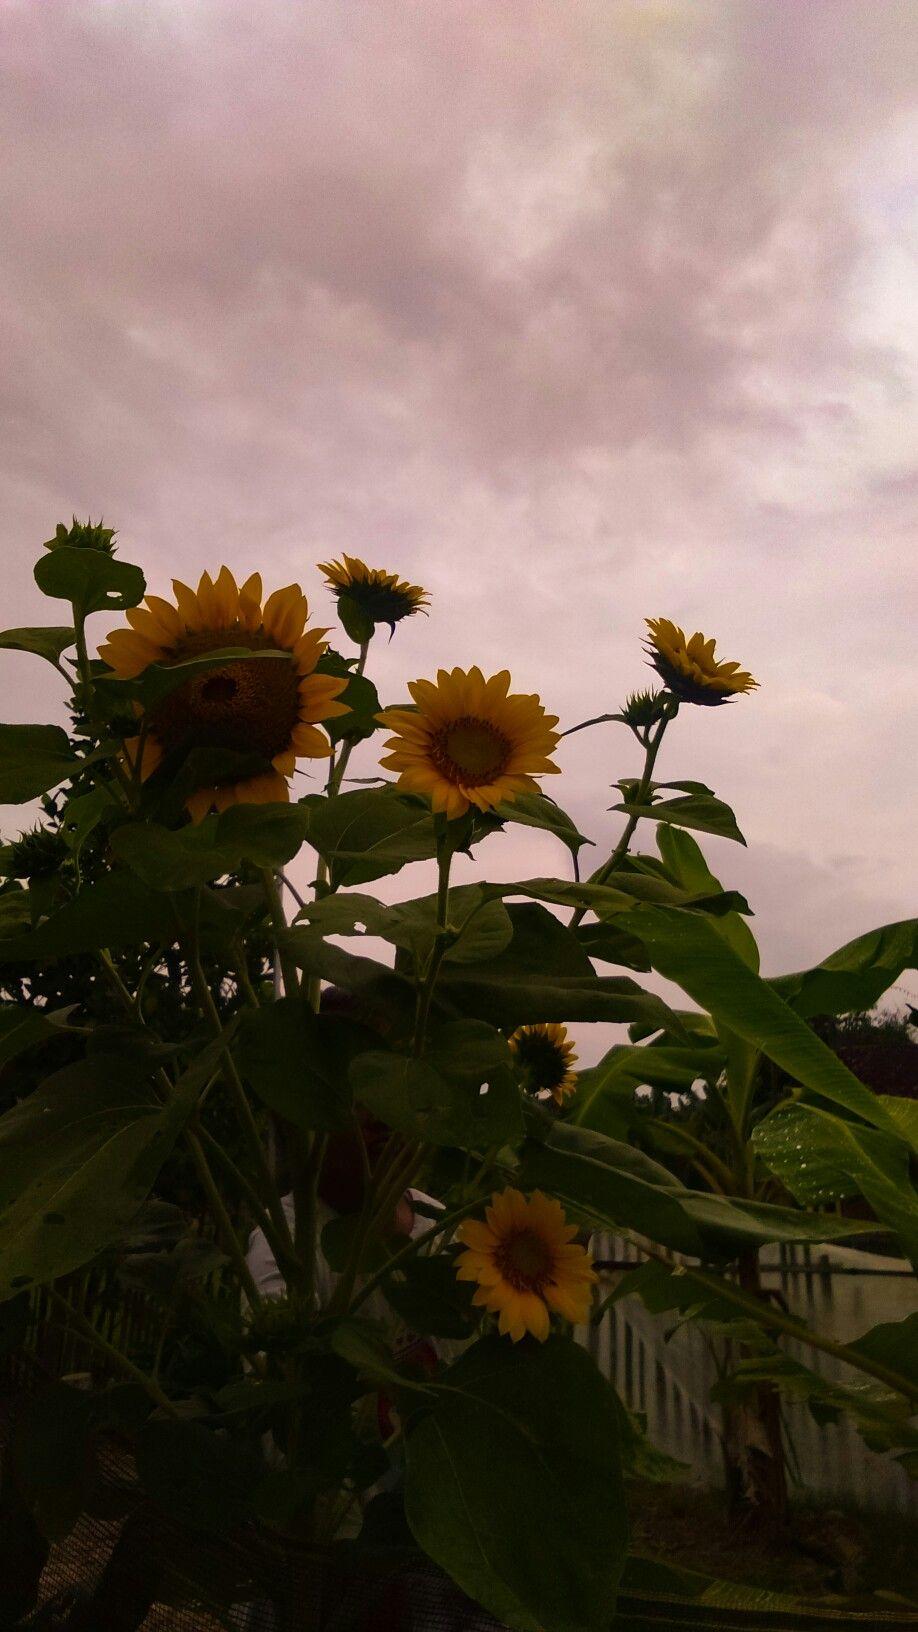 Jangan Bandinkan Prosesmu Dengan Orang Lain Karna Tak Semua Bunga Tumbuh Dan Mekar Bersamaan Flowers My Pictures Plants